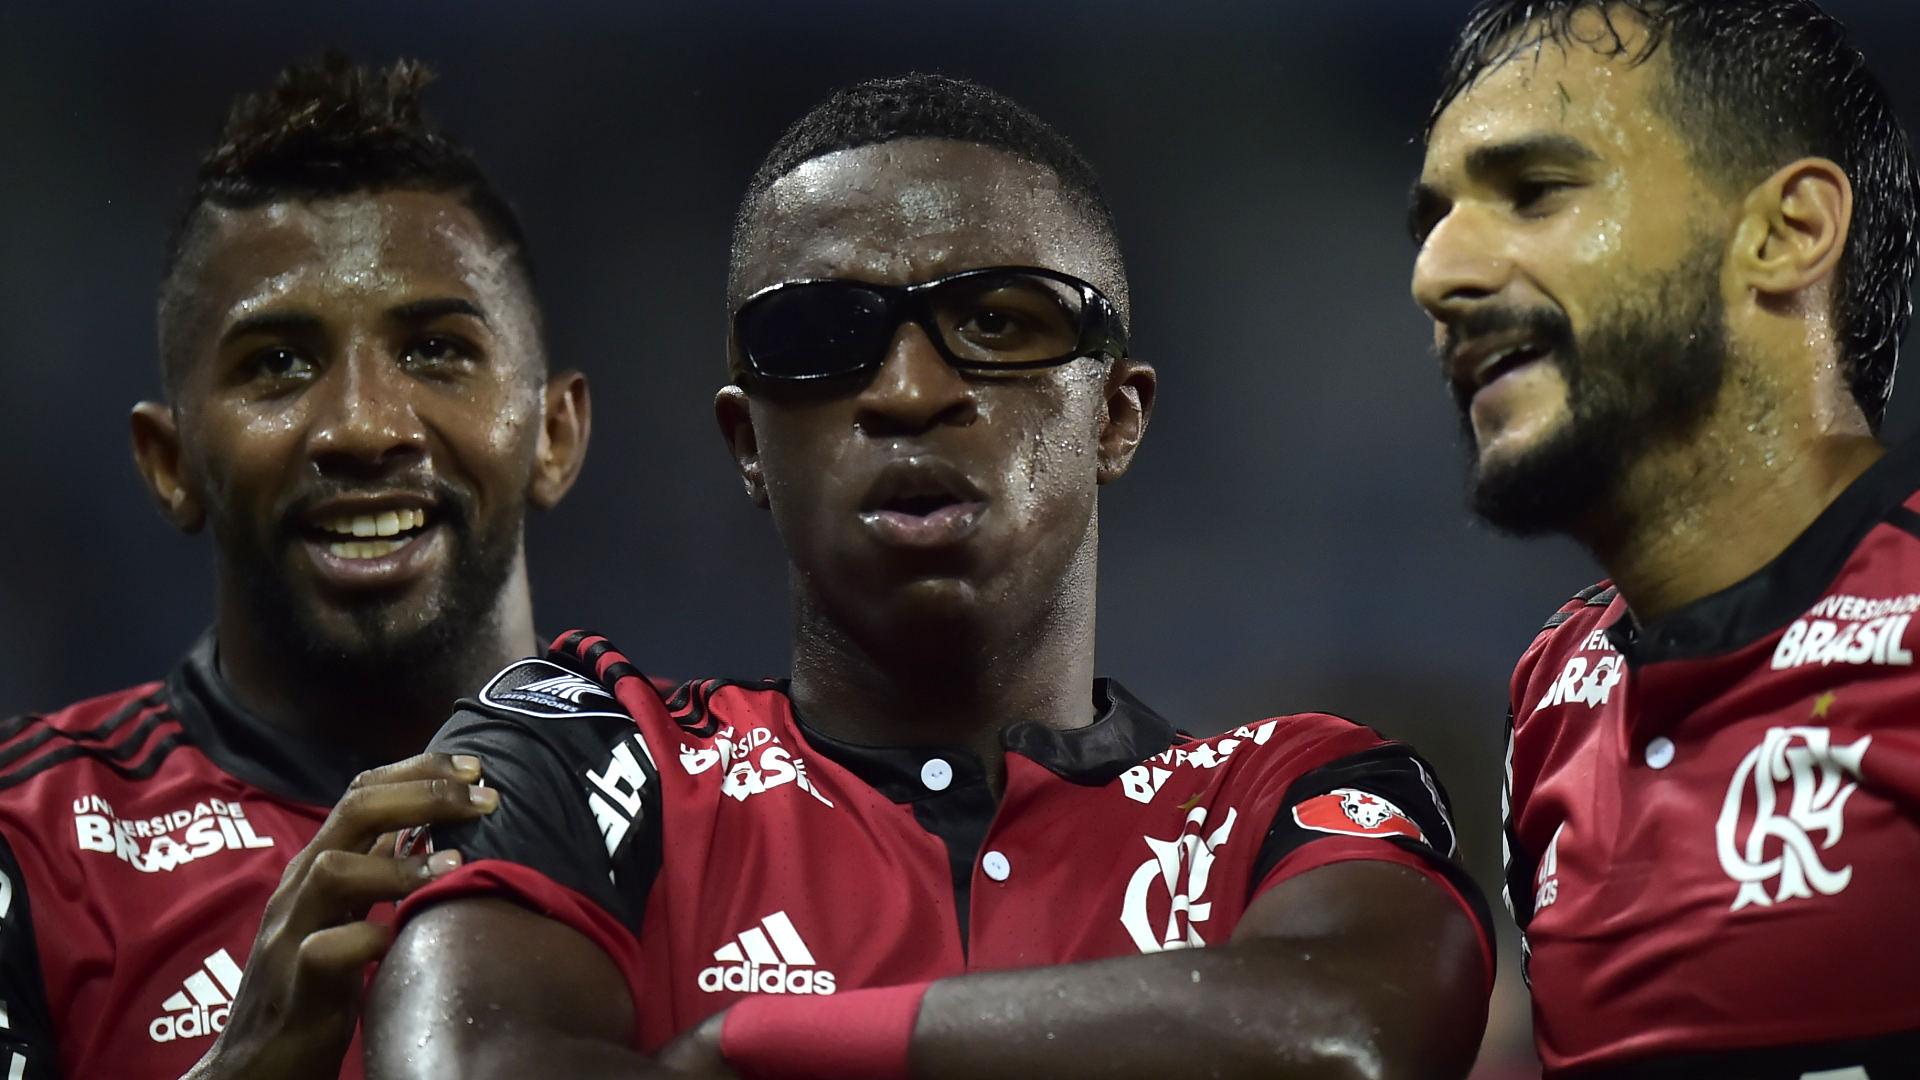 Vinicius Junior Rodinei Henrique Dourado Emelec Flamengo 14032018 Copa Libertadores